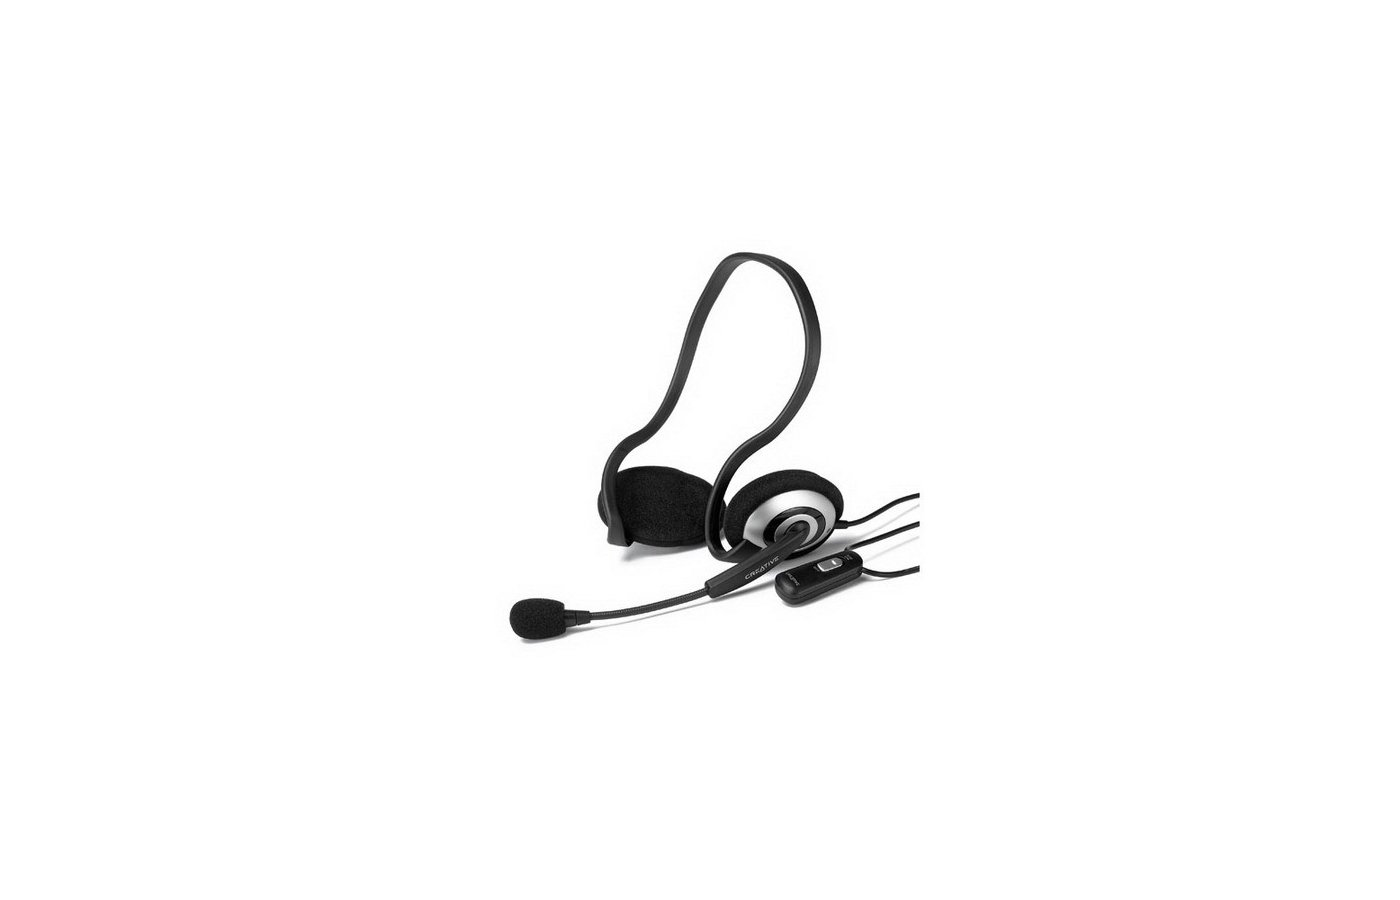 Наушники с микрофоном проводные Creative HS-390 MSN Edition